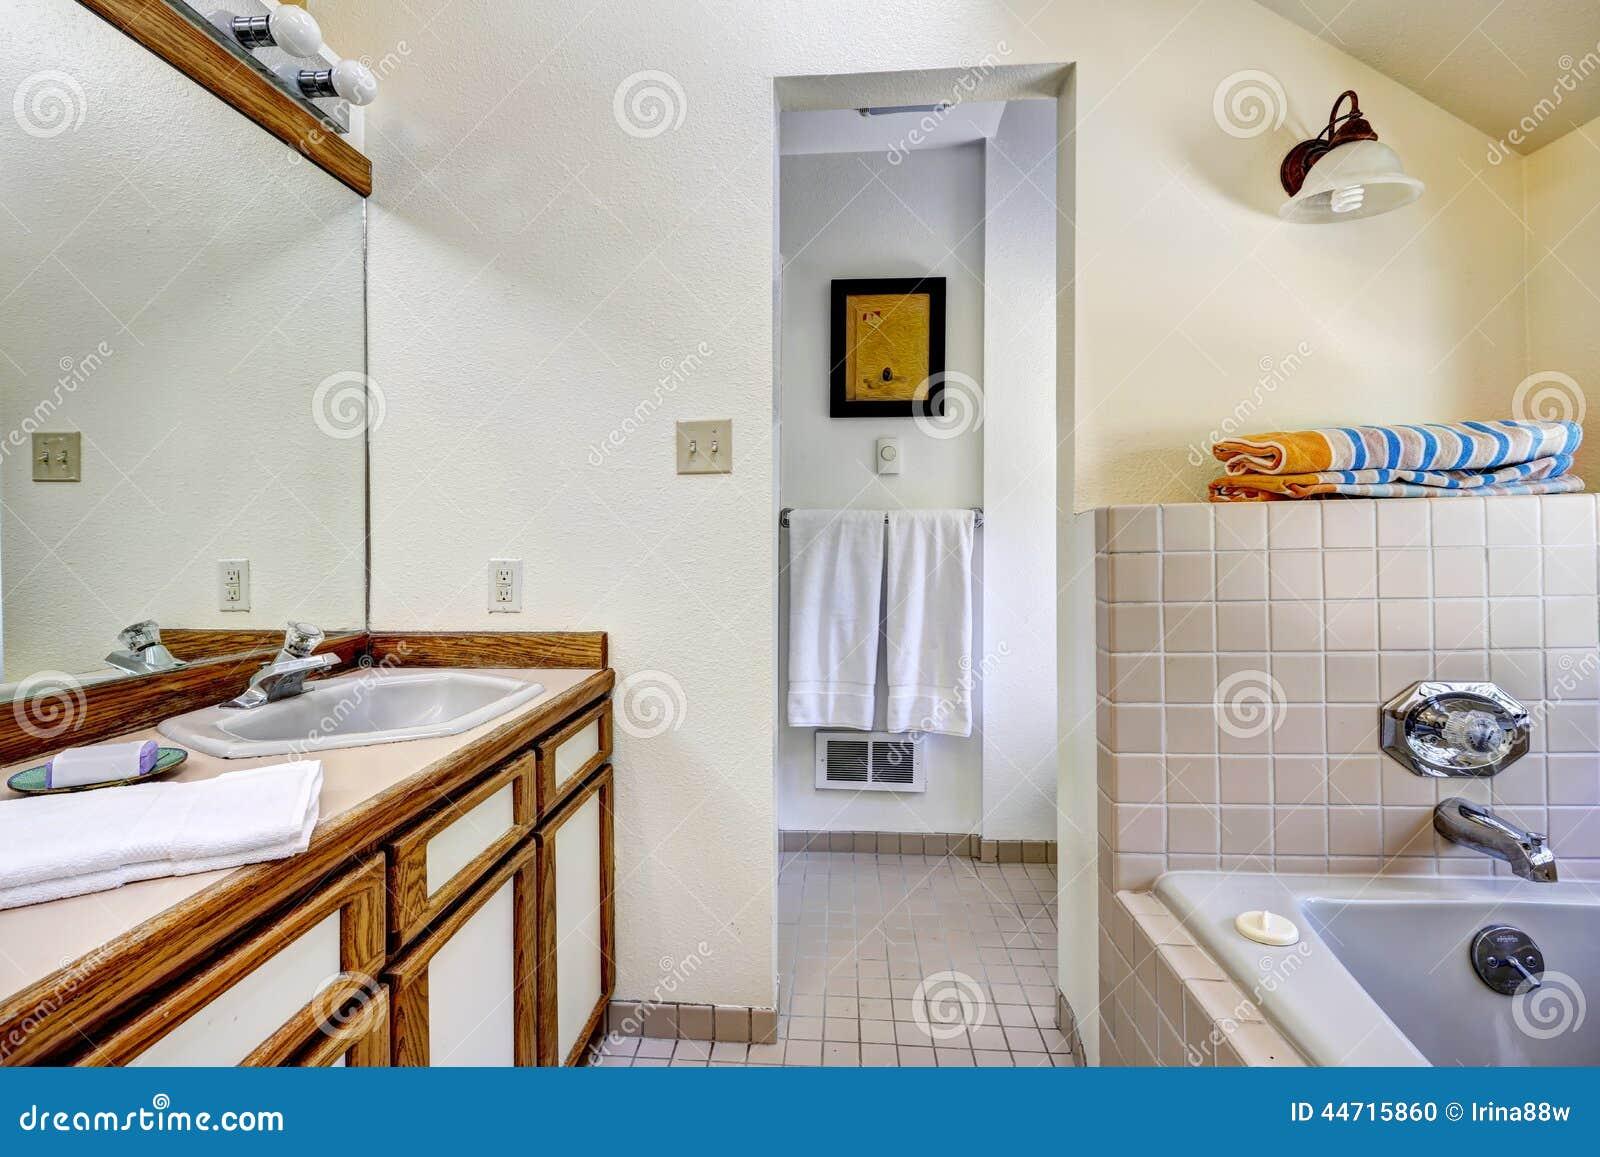 Armário Da Vaidade Do Banheiro Com Guarnição Marrom E O Grande  #743D15 1300x957 Banheiro Azul E Marrom